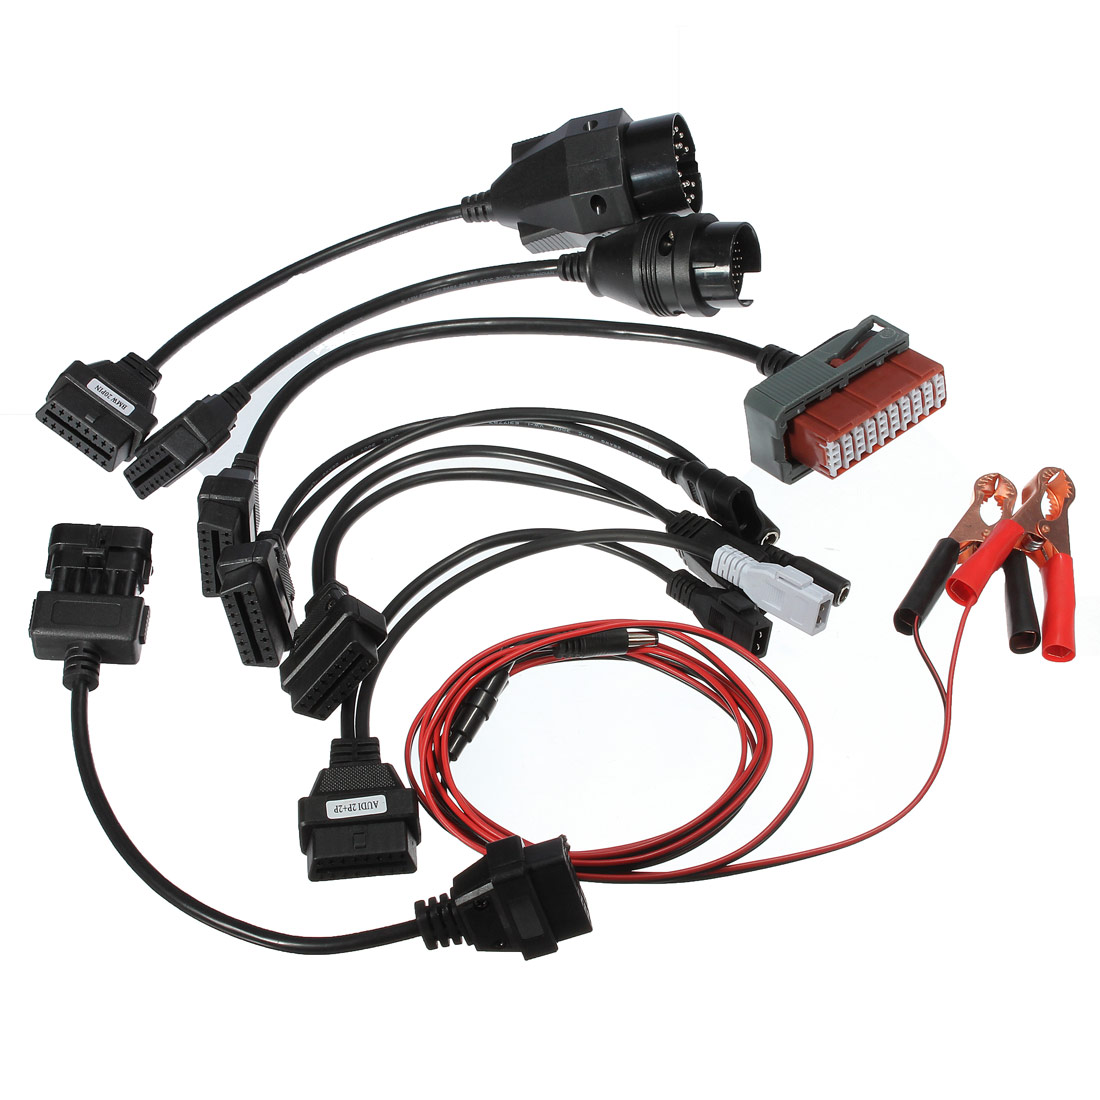 Obd2 obd car diagnostic adaptor interface cables kit 8pcs